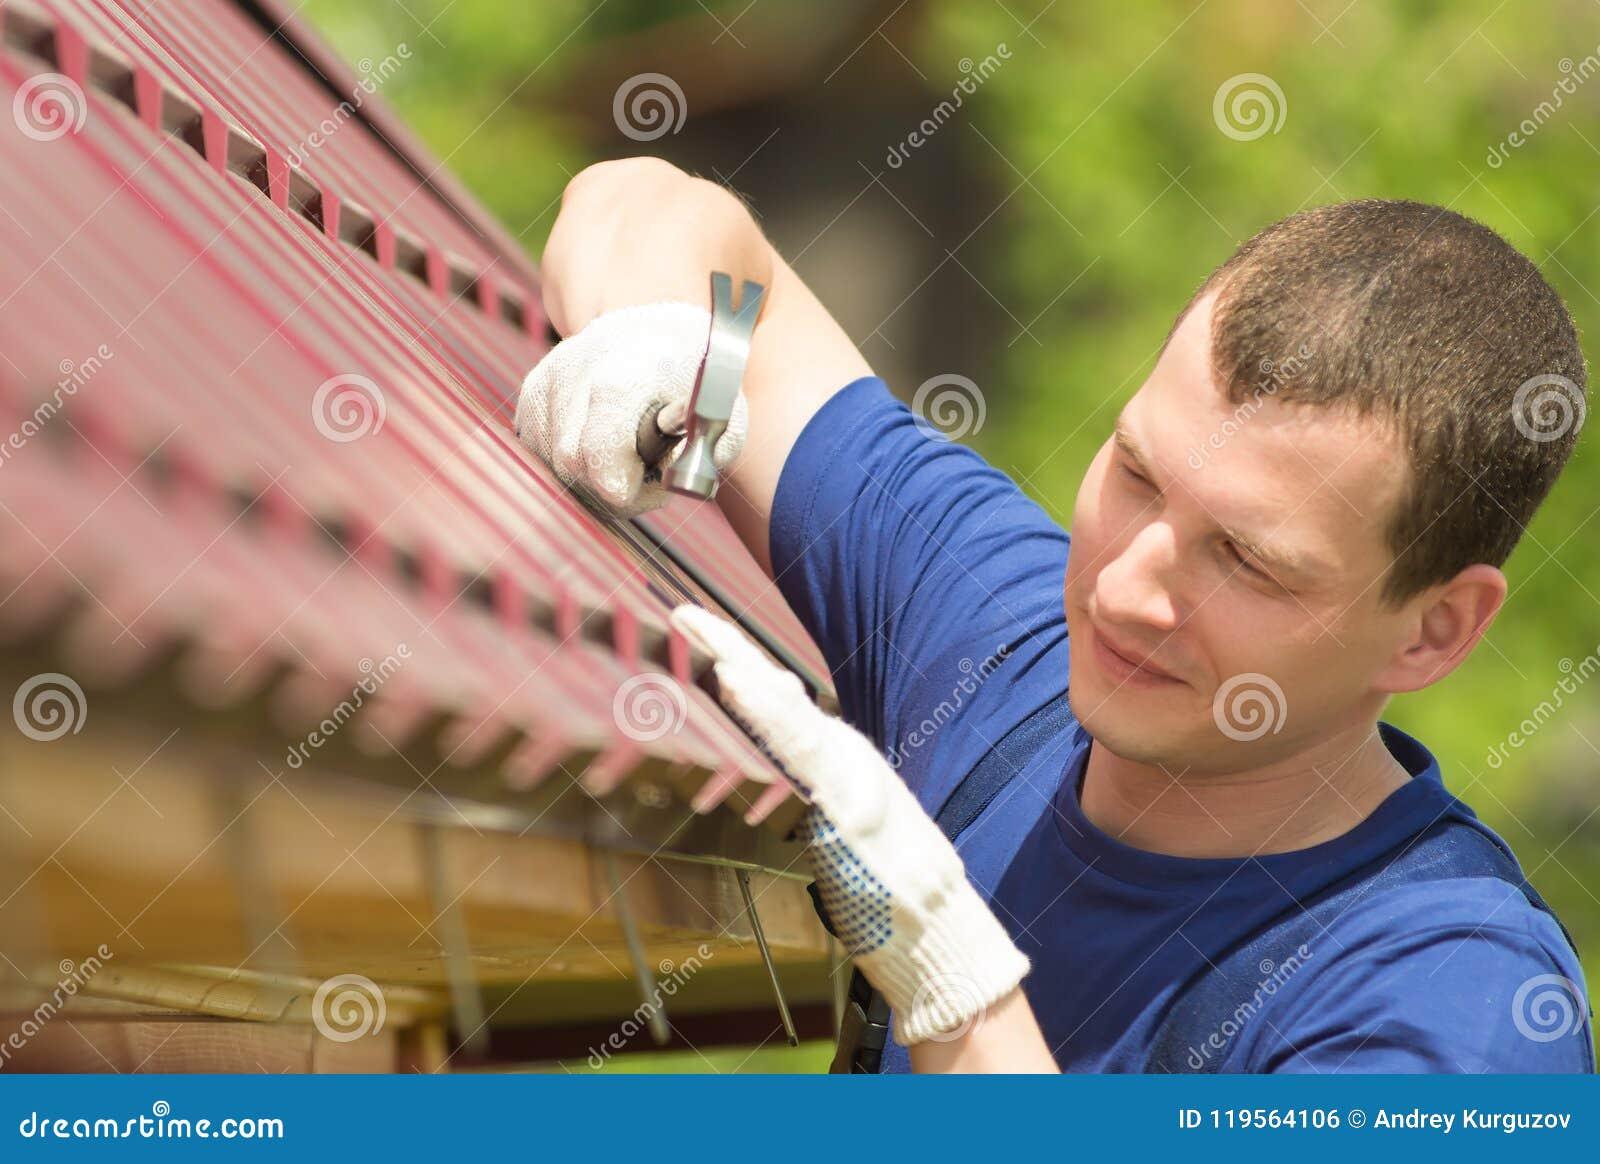 Homme dans un costume bleu réparant le toit de la maison, plan rapproché